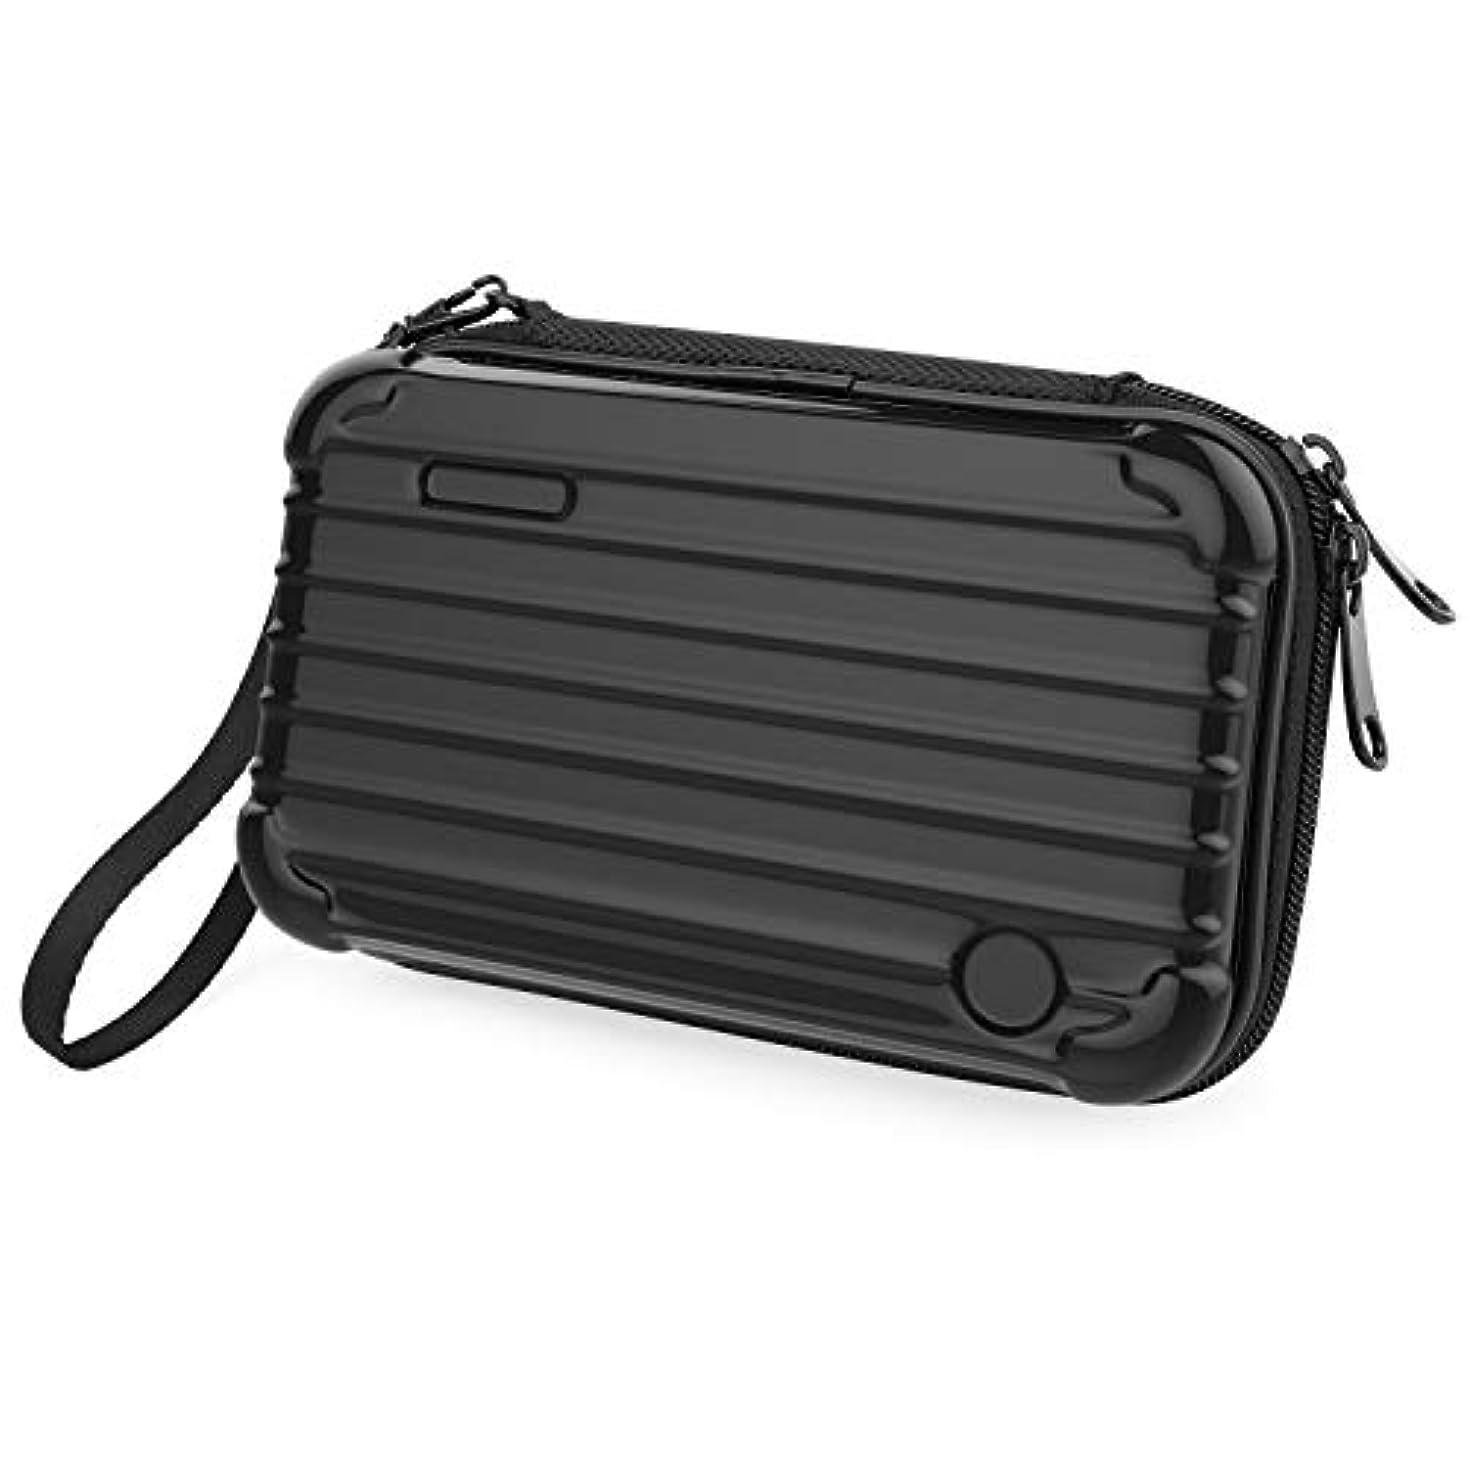 処方なかなか合理的メイクボックス - Luxspire 防水 防塵 耐衝撃 收納抜群 通勤?出張?旅行用 コスメボックス メイクブラシバッグ メイクボックス Black ミニ型